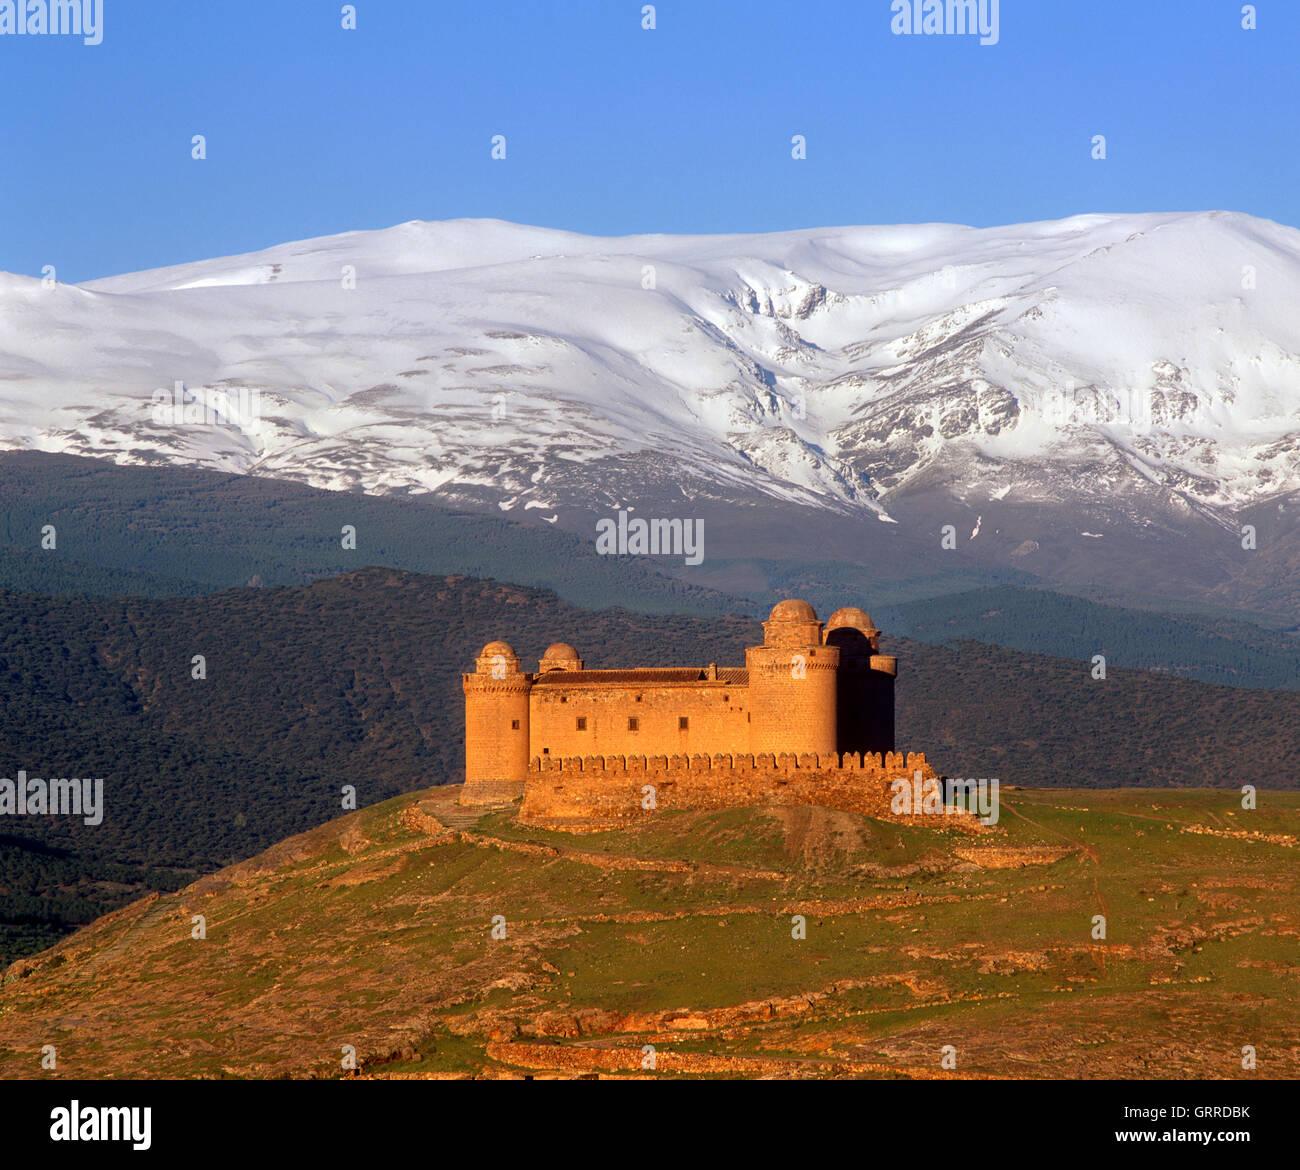 La Calahorra et Château des monts enneigés de la Sierra Nevada, Province de Grenade, Andalousie, Espagne Photo Stock